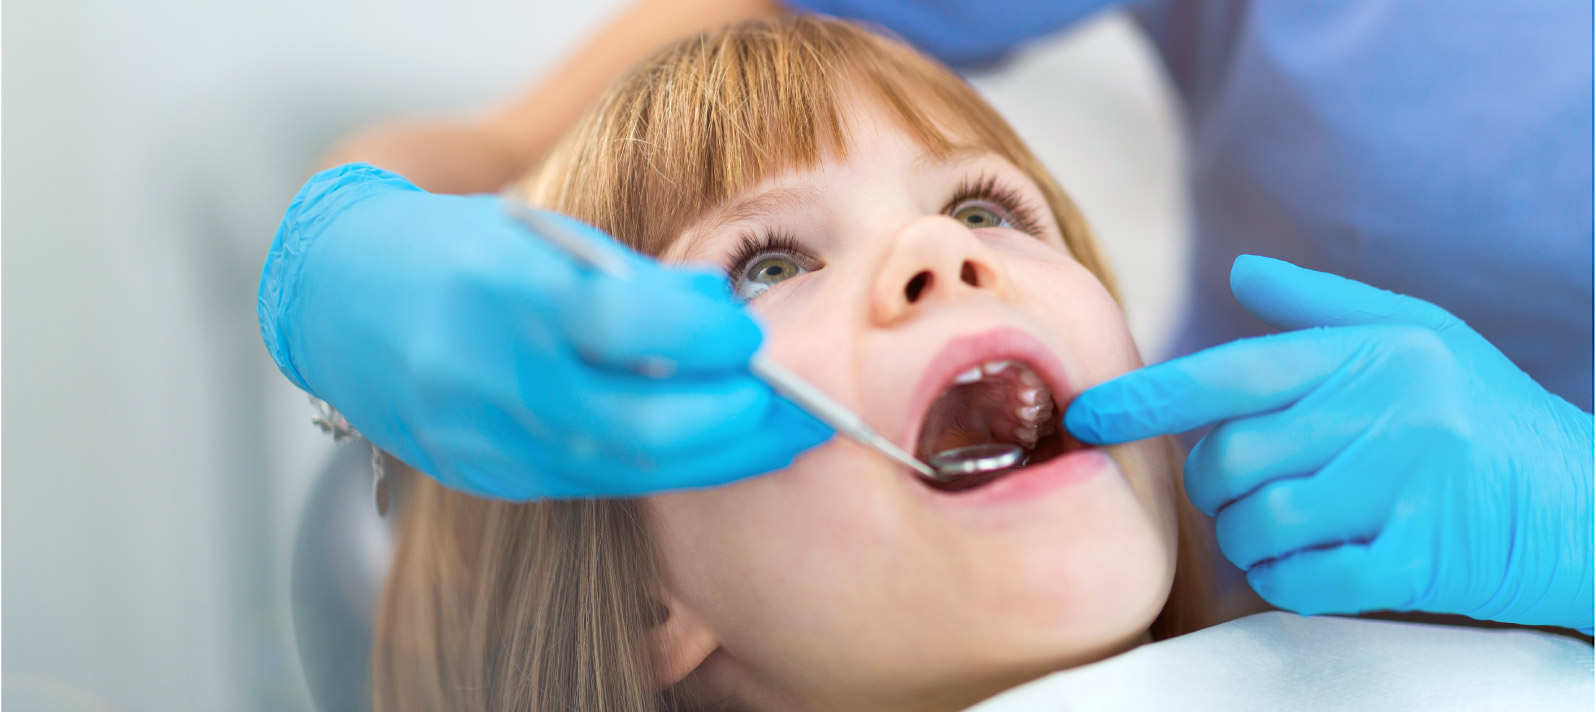 La importancia de utilizar el enjuague bucal para niños